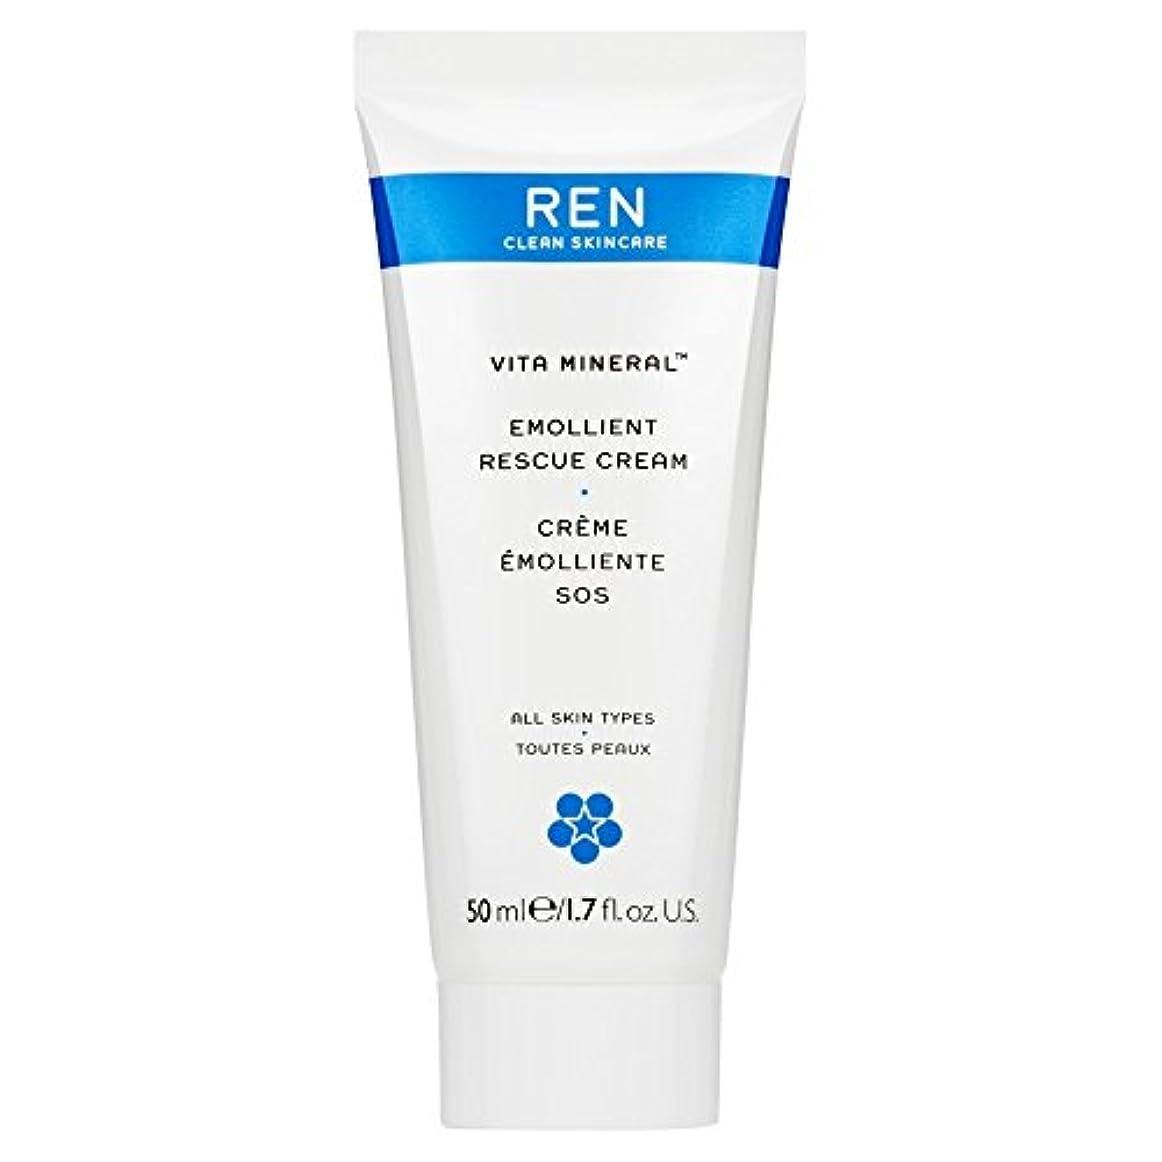 いらいらする残り物トラックRenヴィータミネラルレスキュークリーム、50ミリリットル (REN) (x2) - REN Vita Mineral Rescue Cream, 50ml (Pack of 2) [並行輸入品]